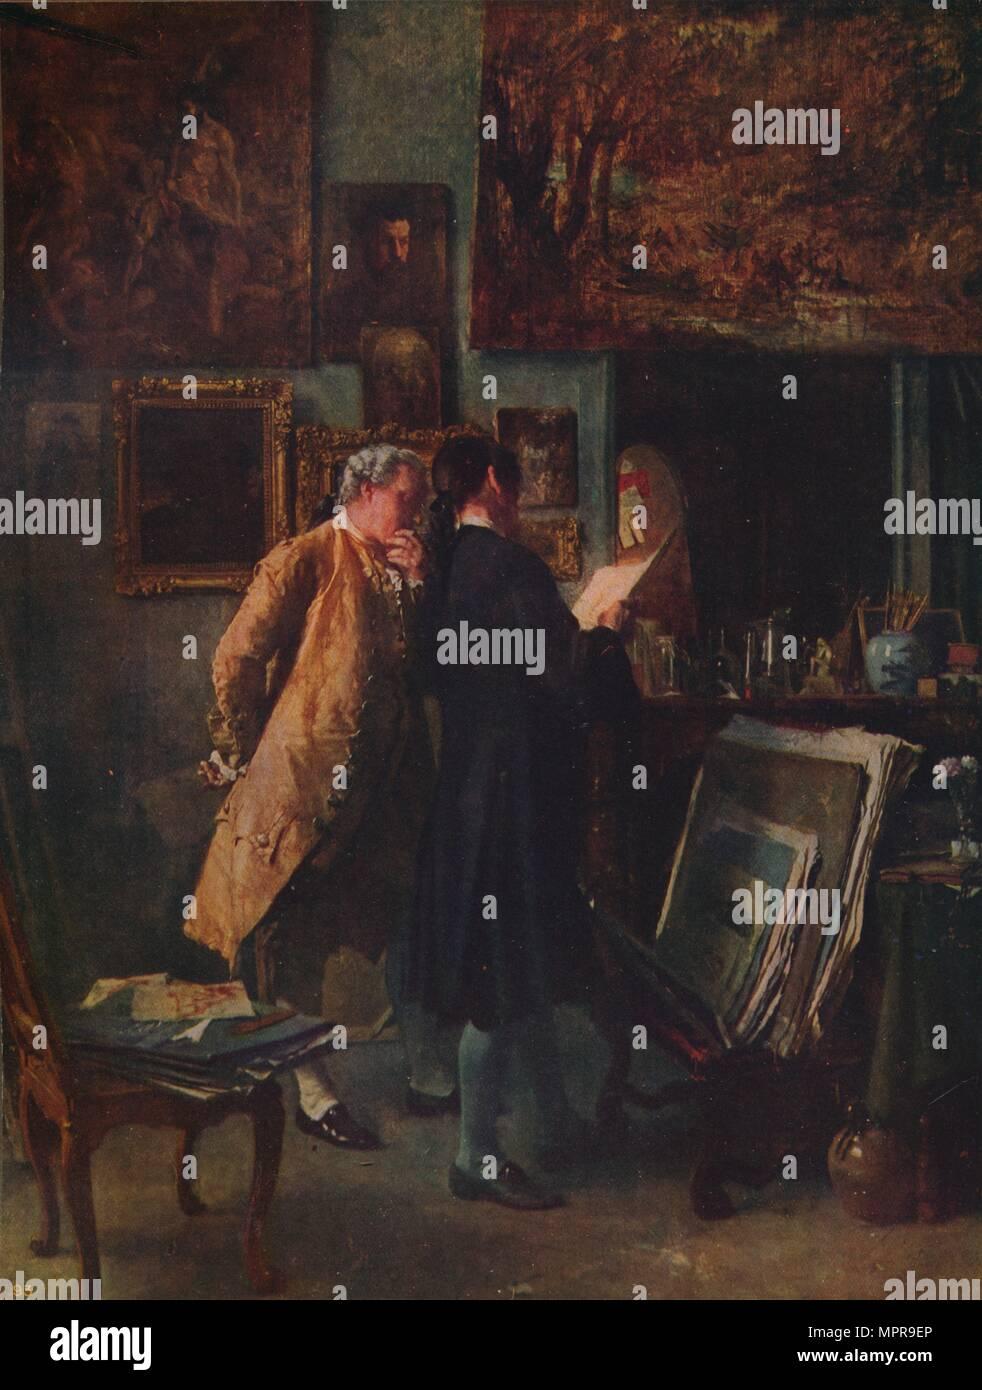 'El coleccionista de impresión', C1850, C1915). Artista: Jean Louis Ernest Meissonier. Imagen De Stock